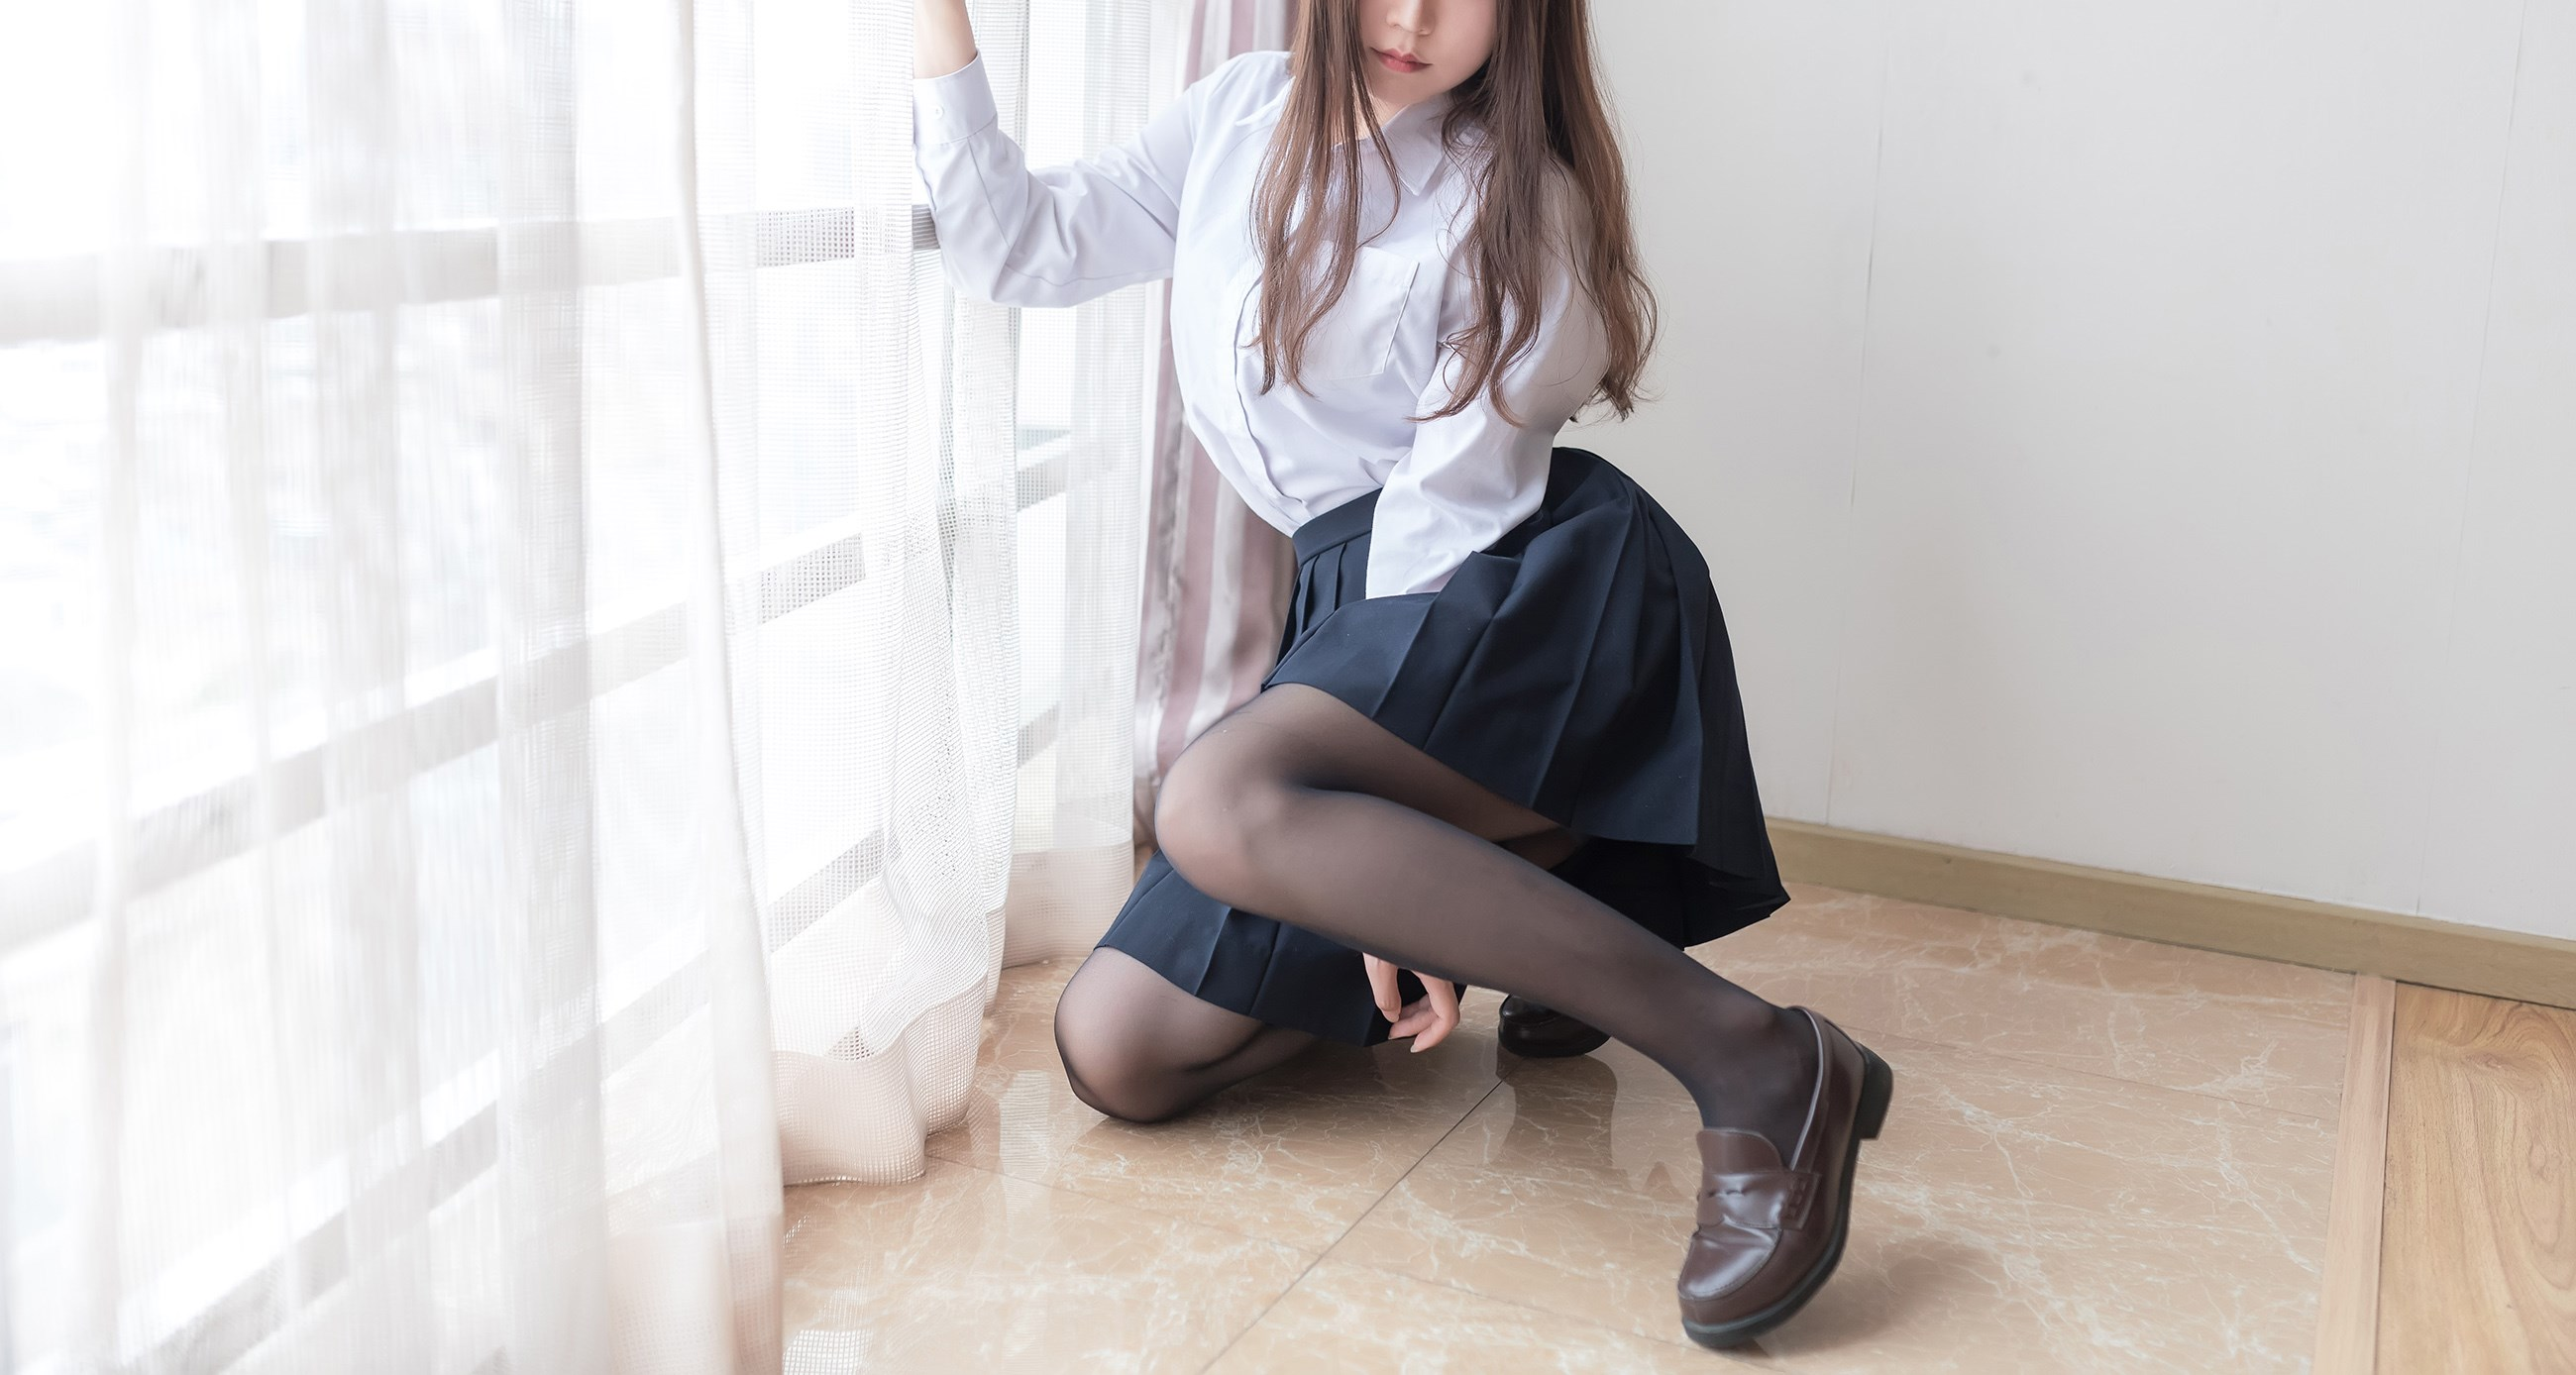 【兔玩映画】黑丝jk 兔玩映画 第17张